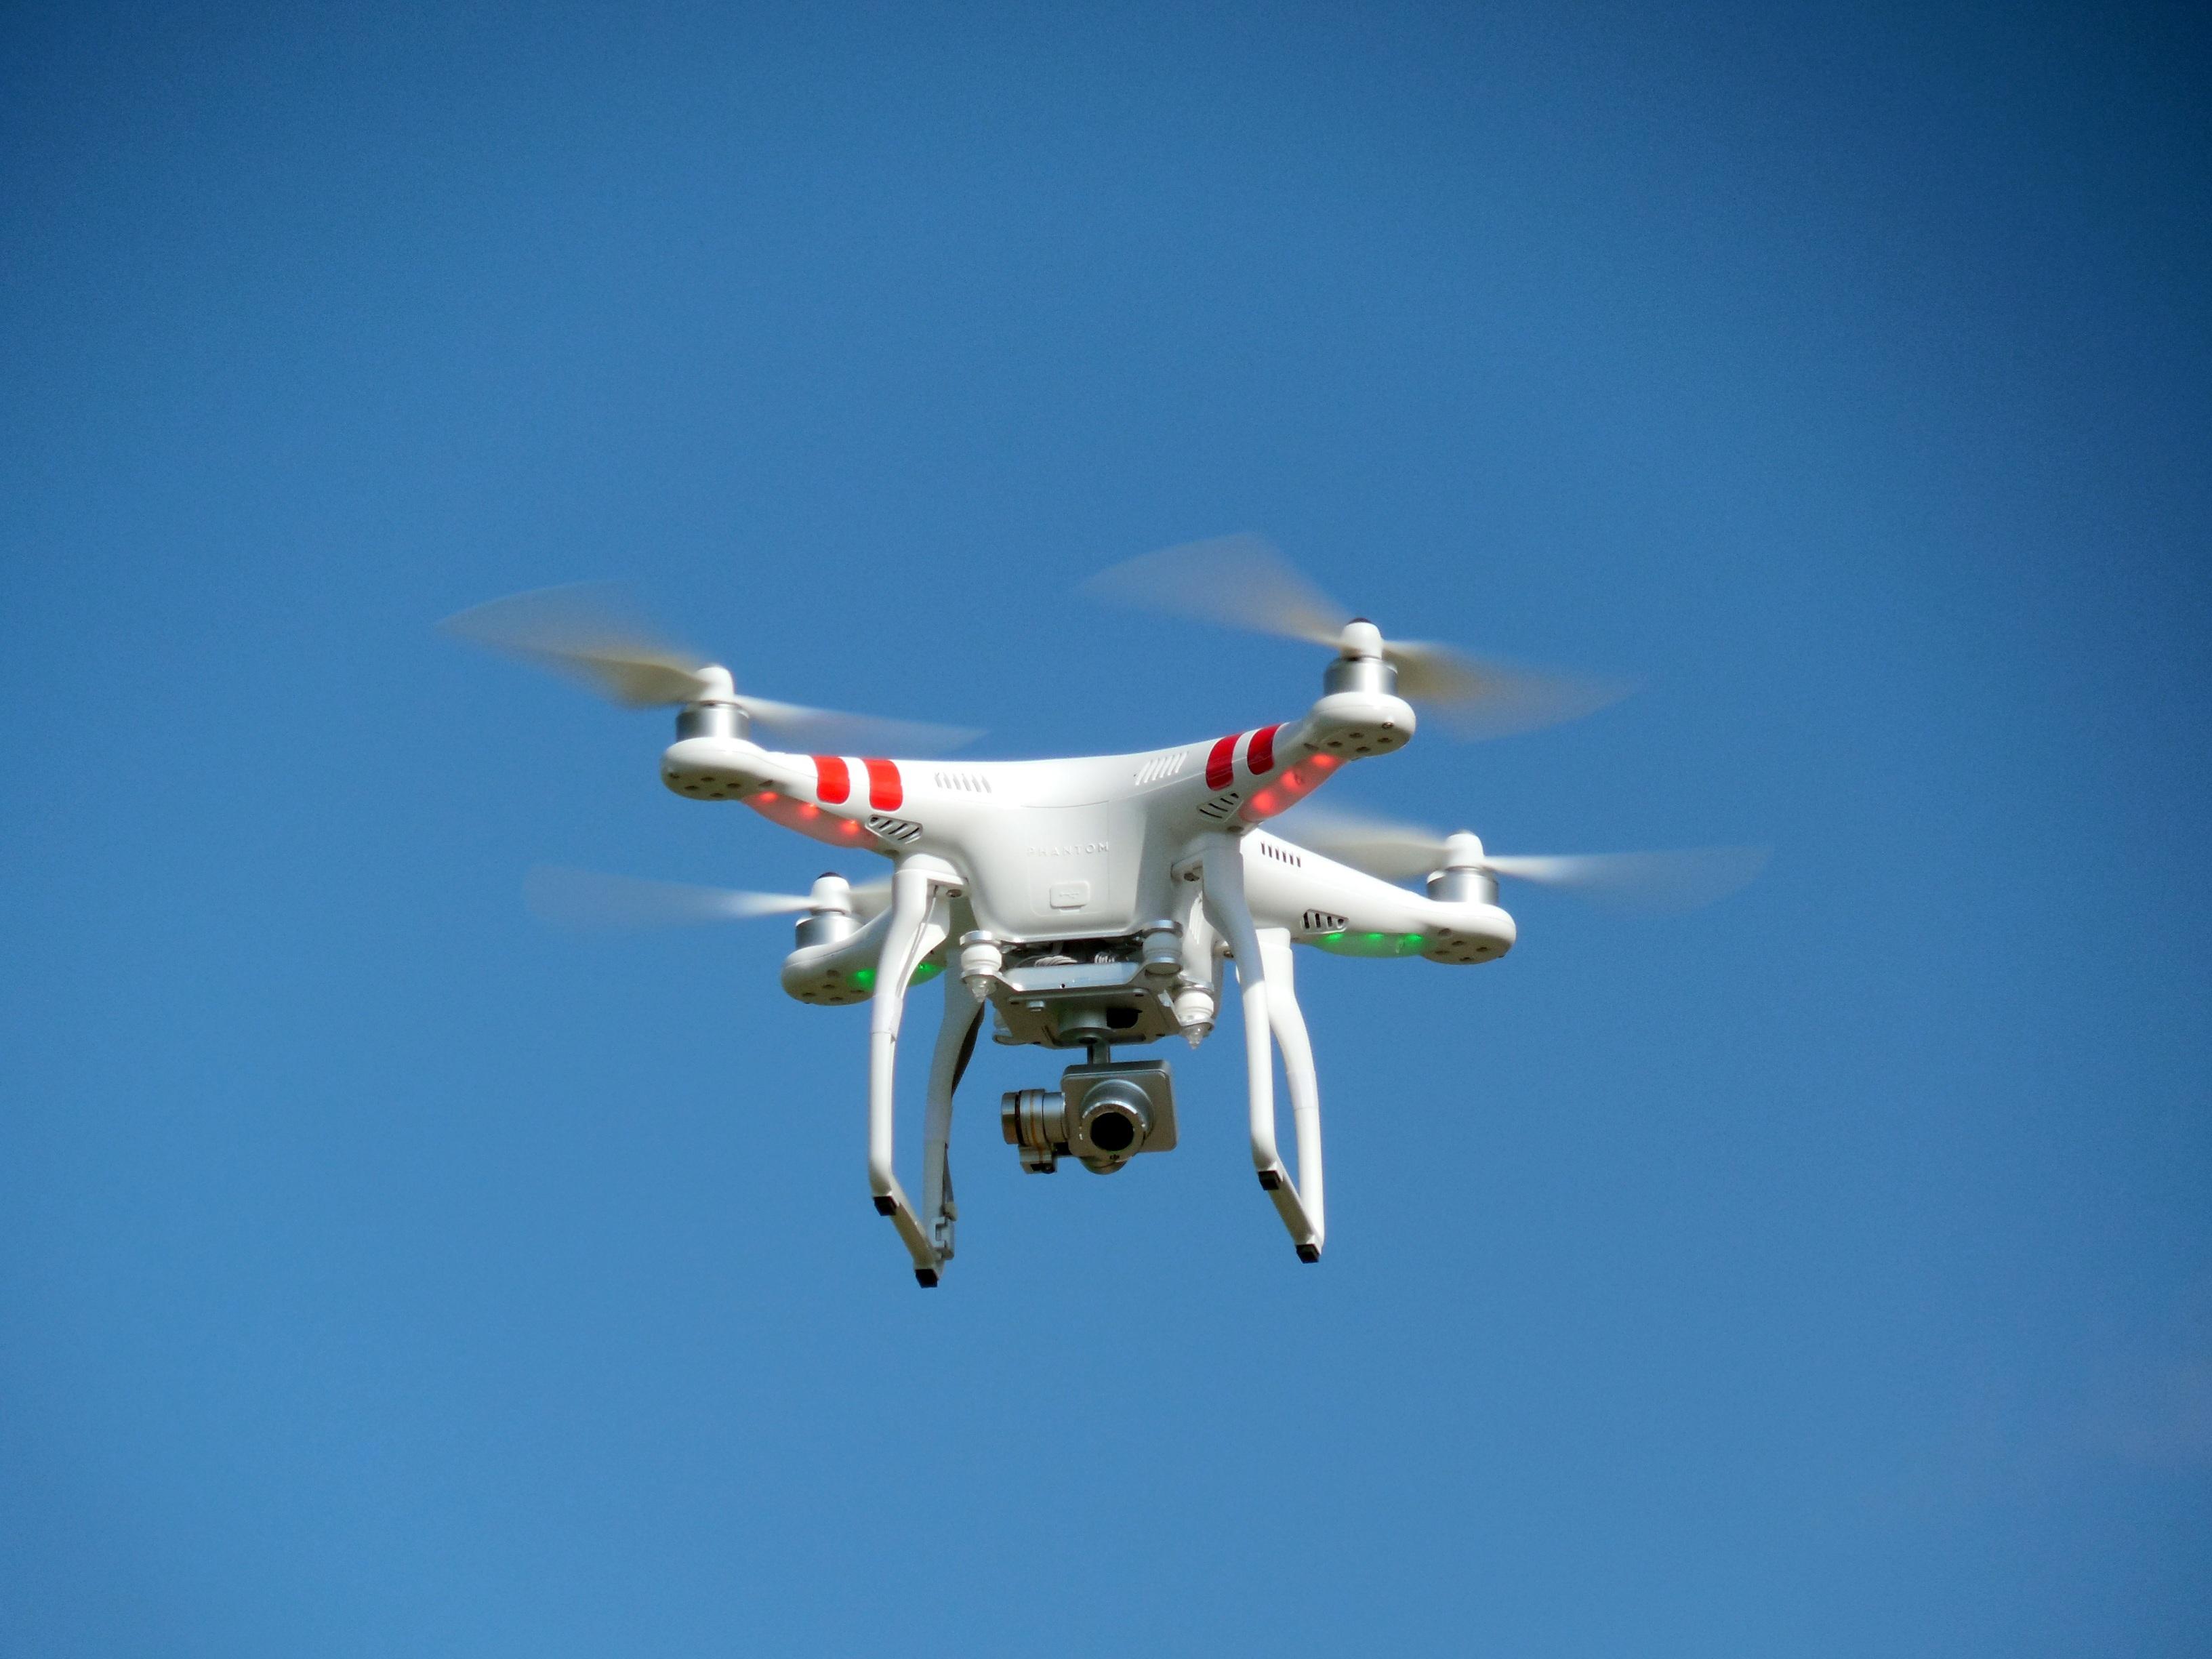 İzinsiz Kullanılan İha/Drone Mahalli Kollukça Düşürülecek